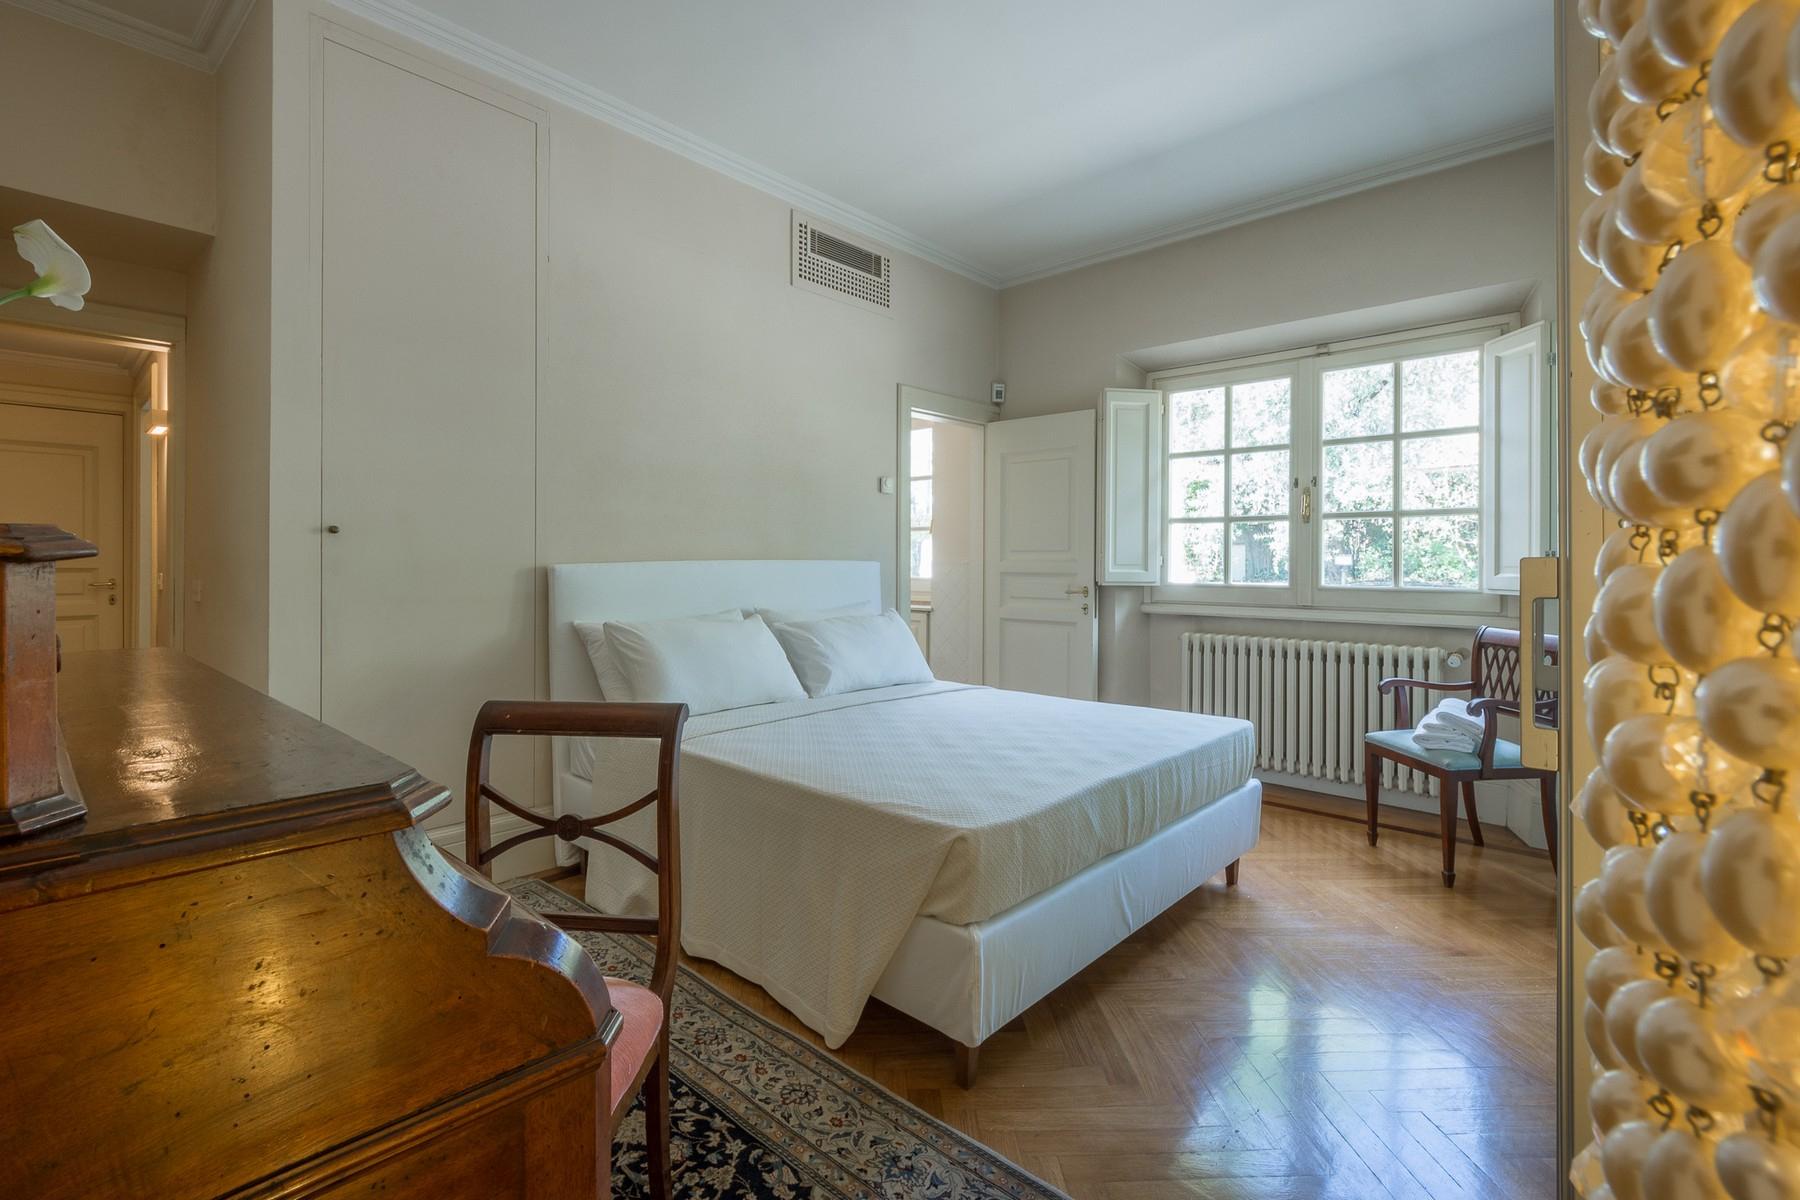 Villa in Vendita a Firenze: 5 locali, 618 mq - Foto 27